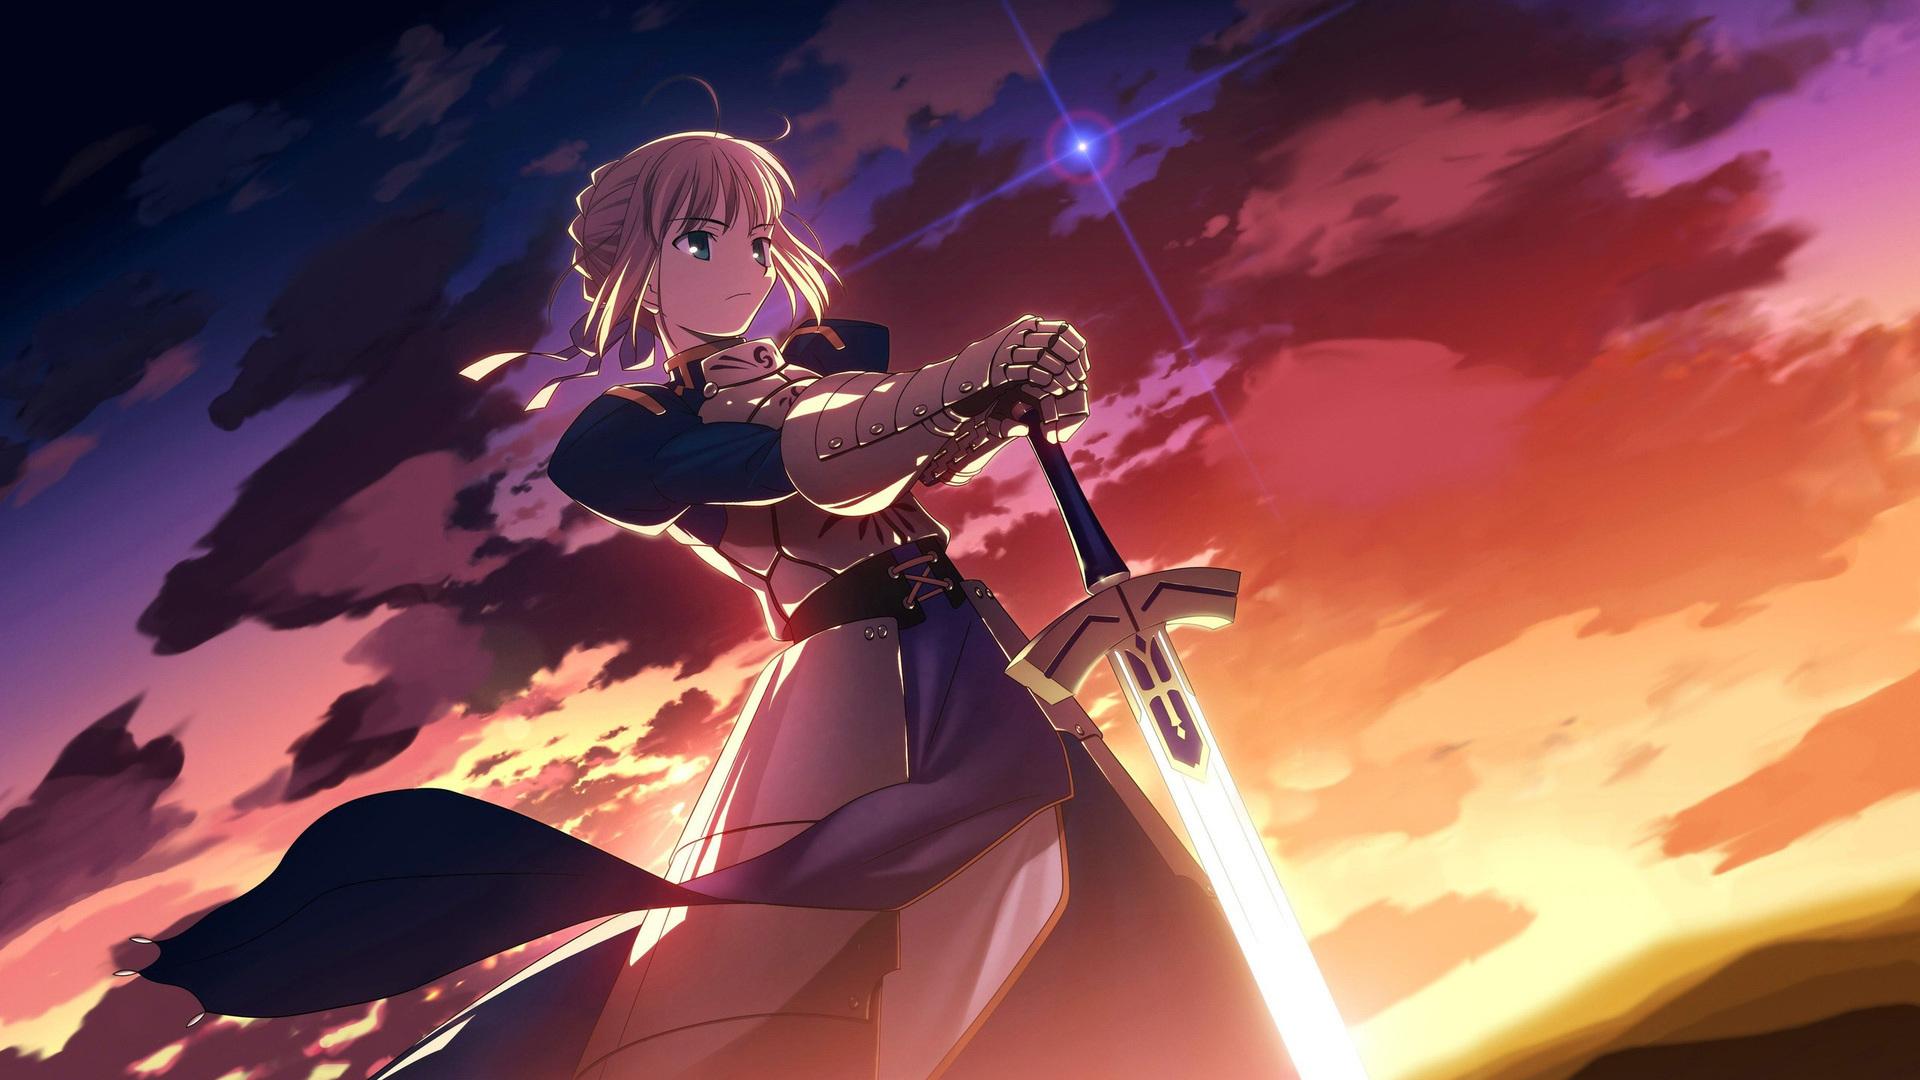 個人的おすすめアニメ Fate Stay Night アニメのまにまに